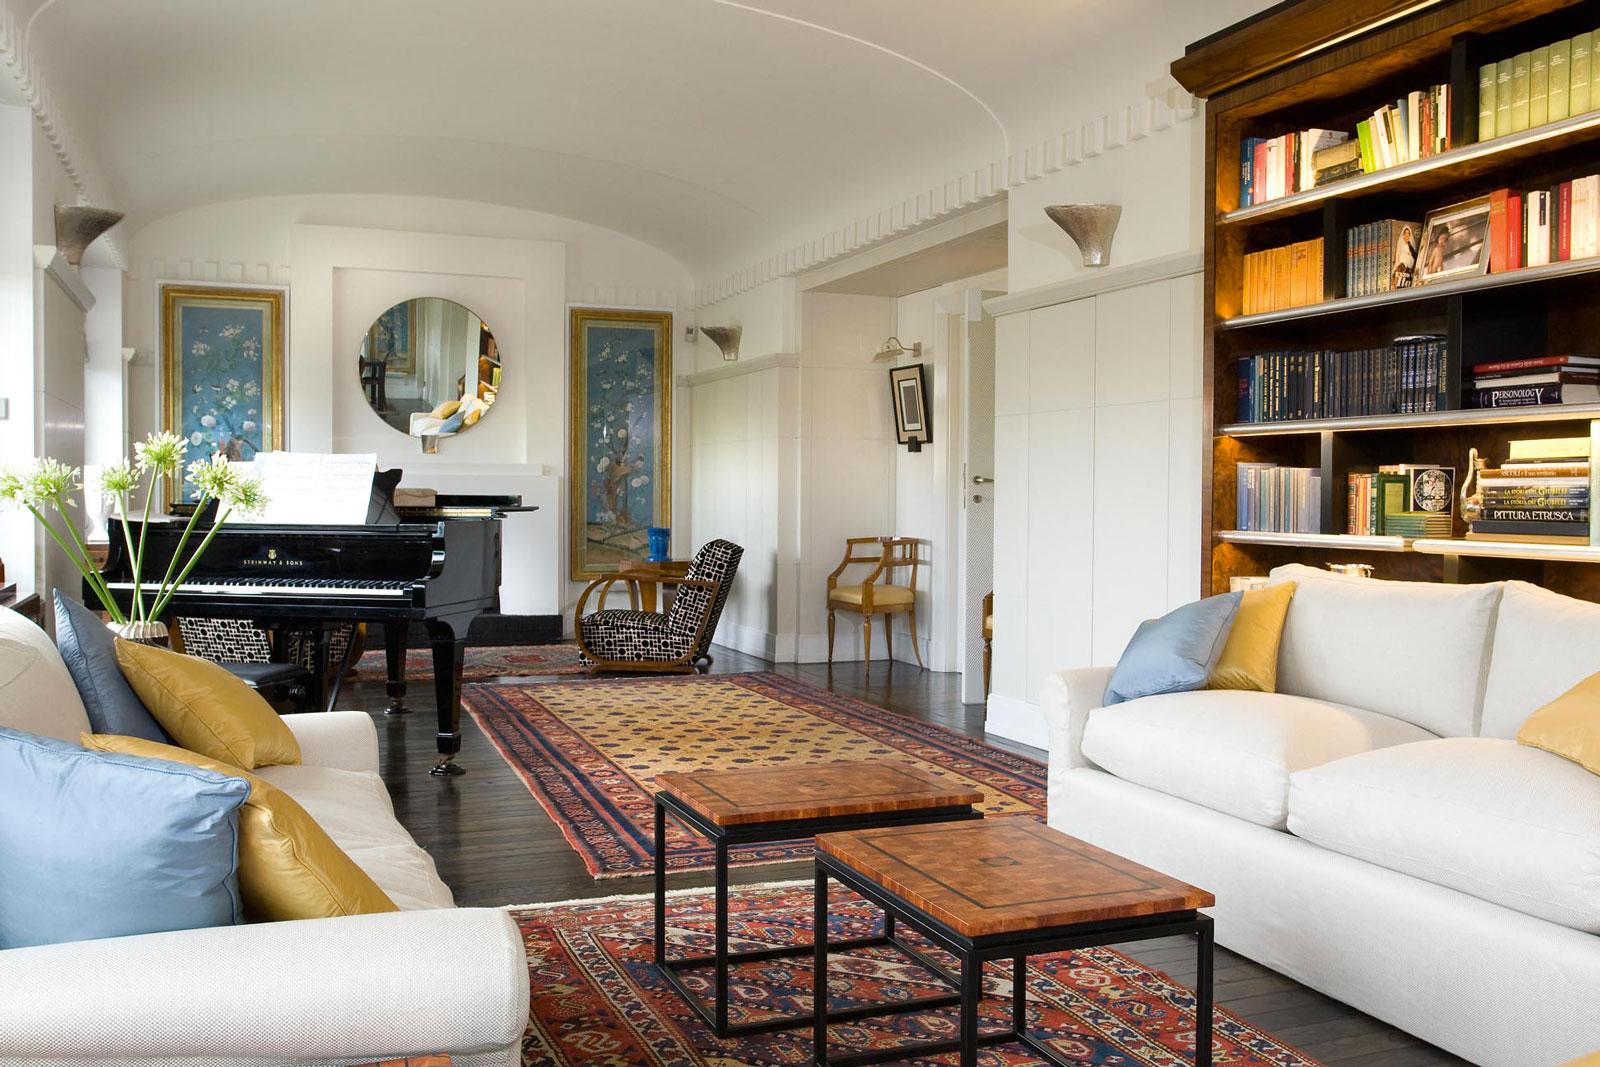 Arredamento rustico e moderno insieme yc58 regardsdefemmes for Arredamento case moderne foto